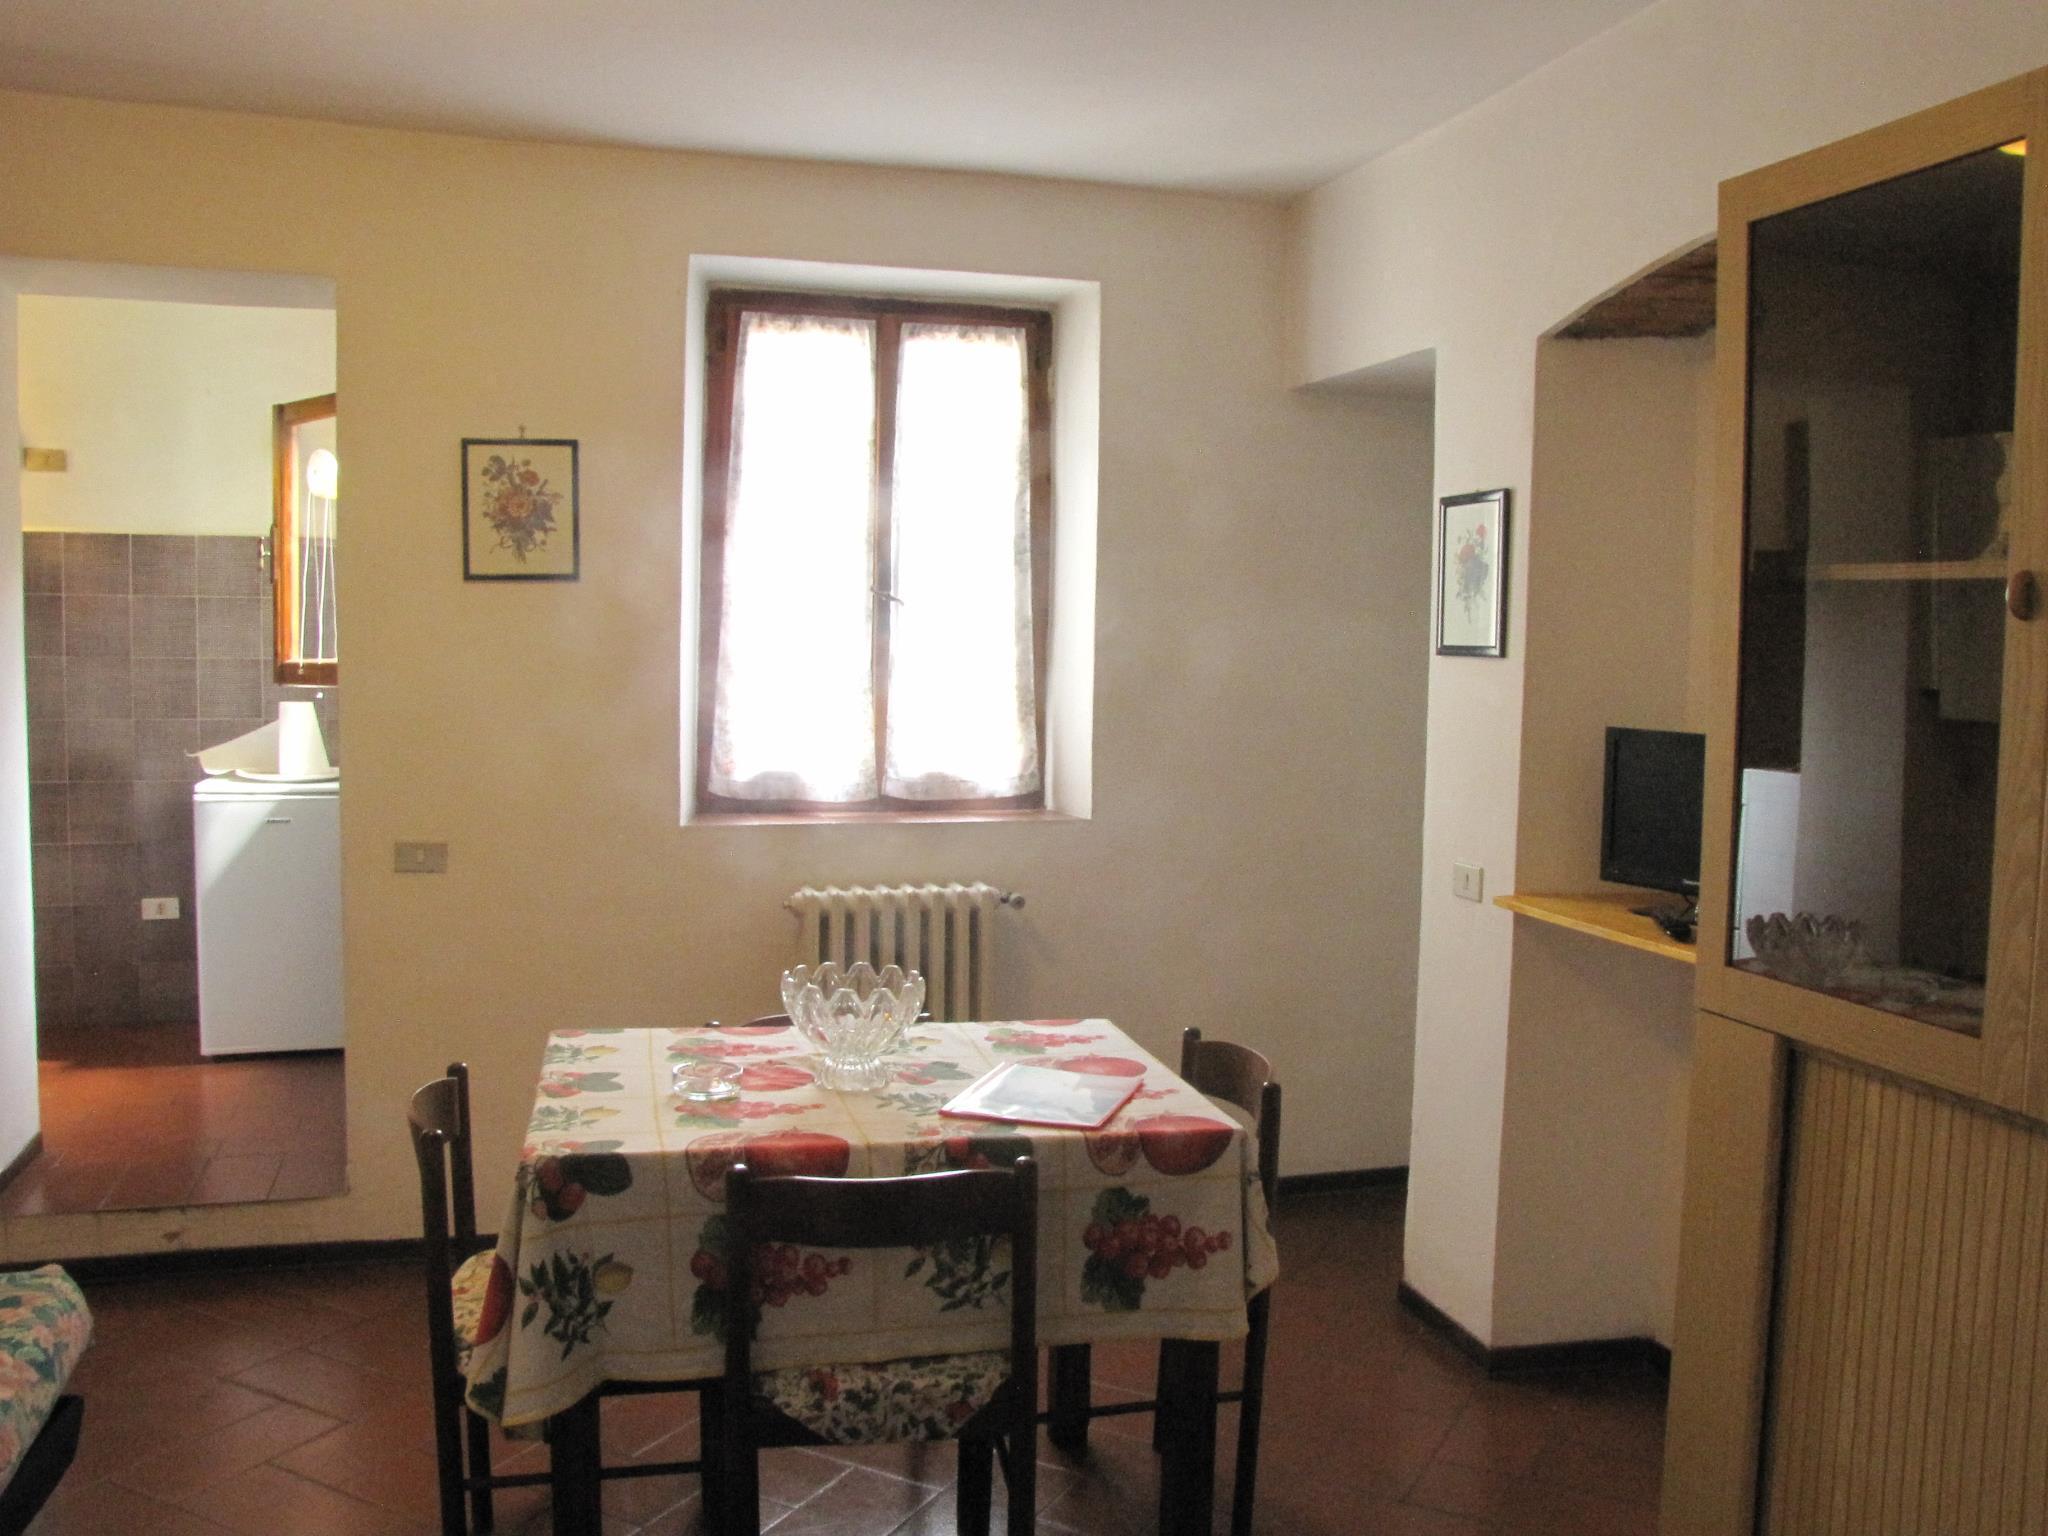 Ristorante Residence Casprini Da Omero